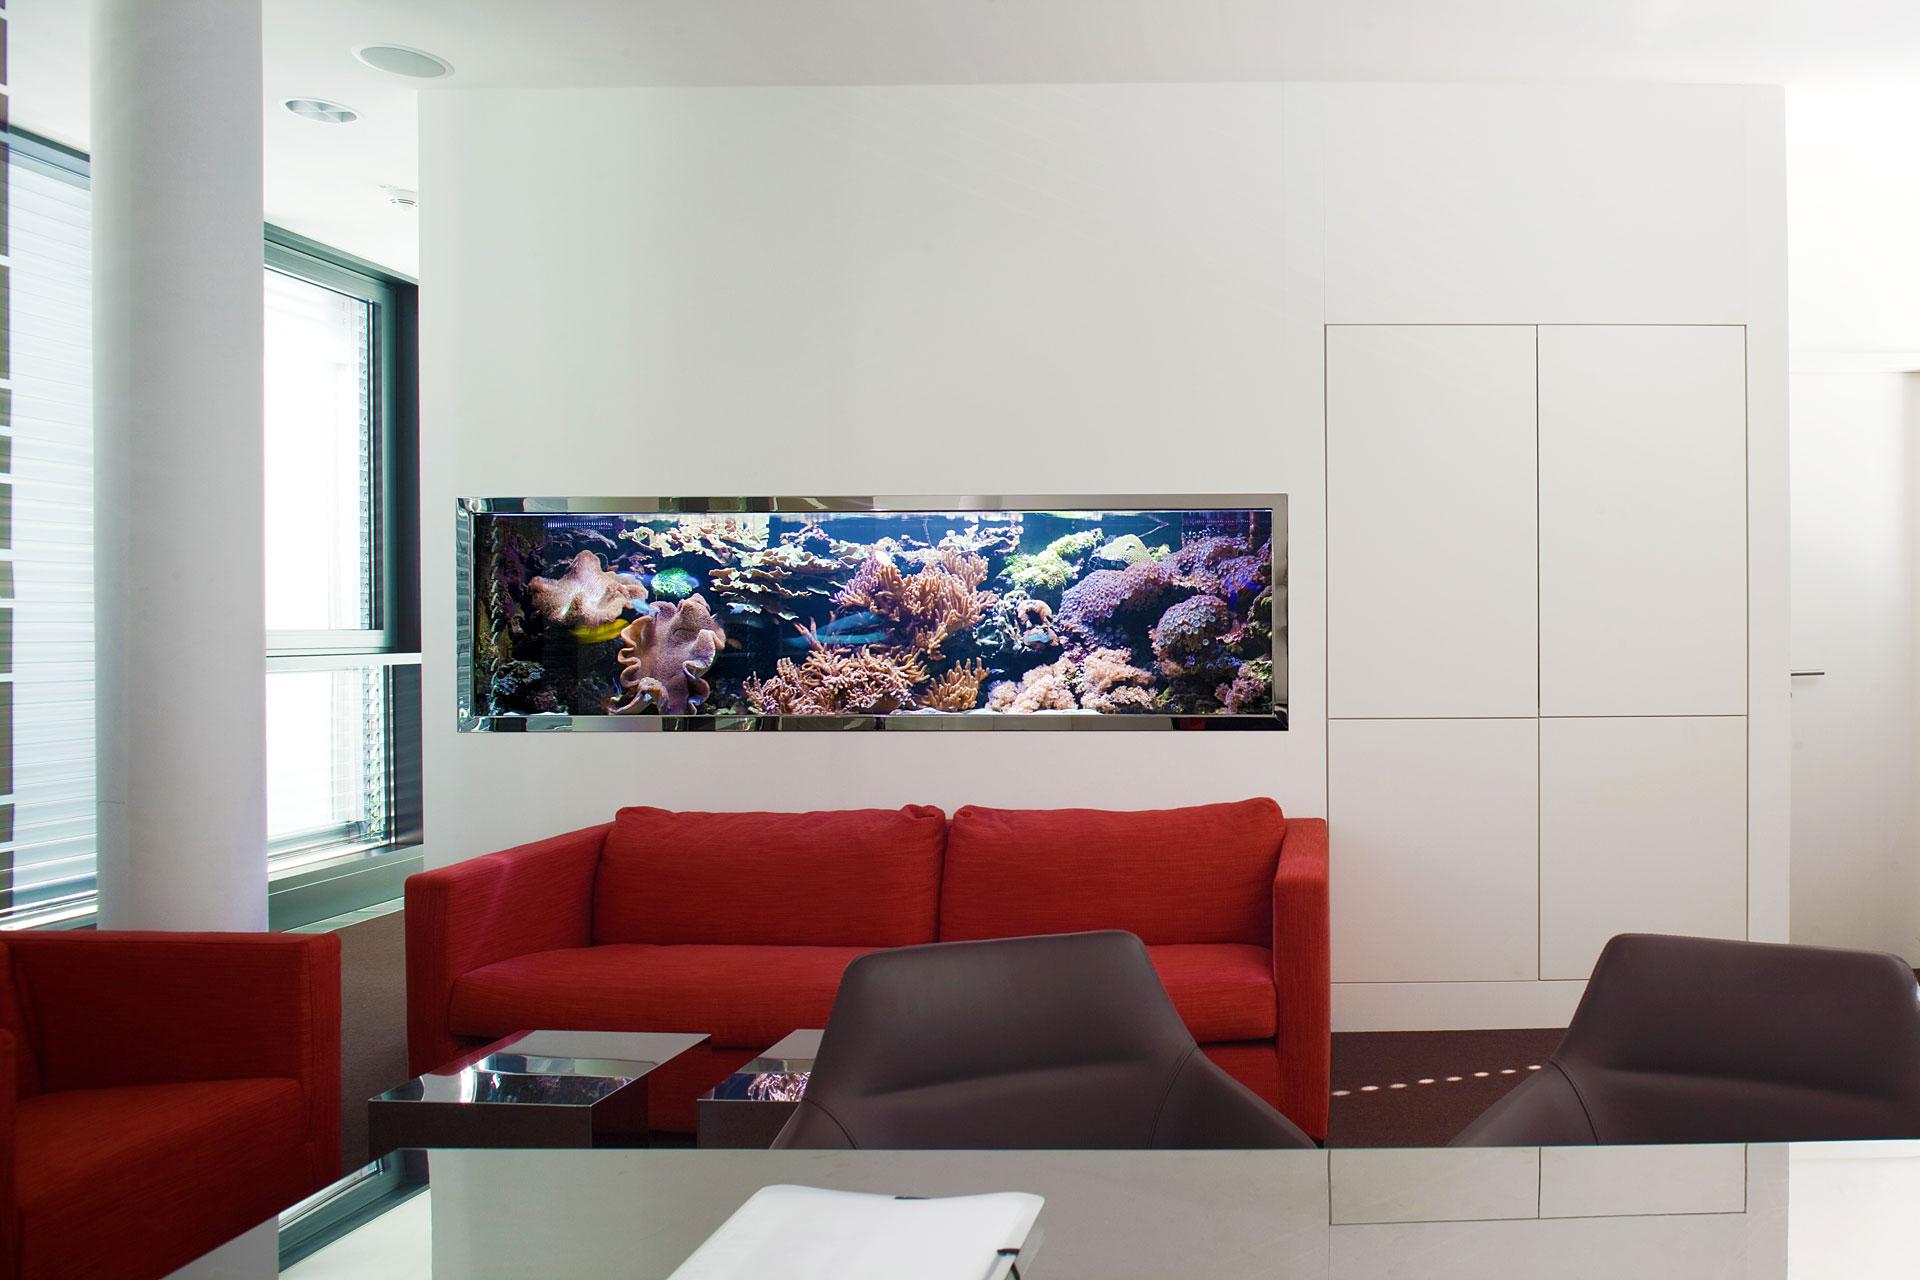 Meerwasseraquarium und Kritik